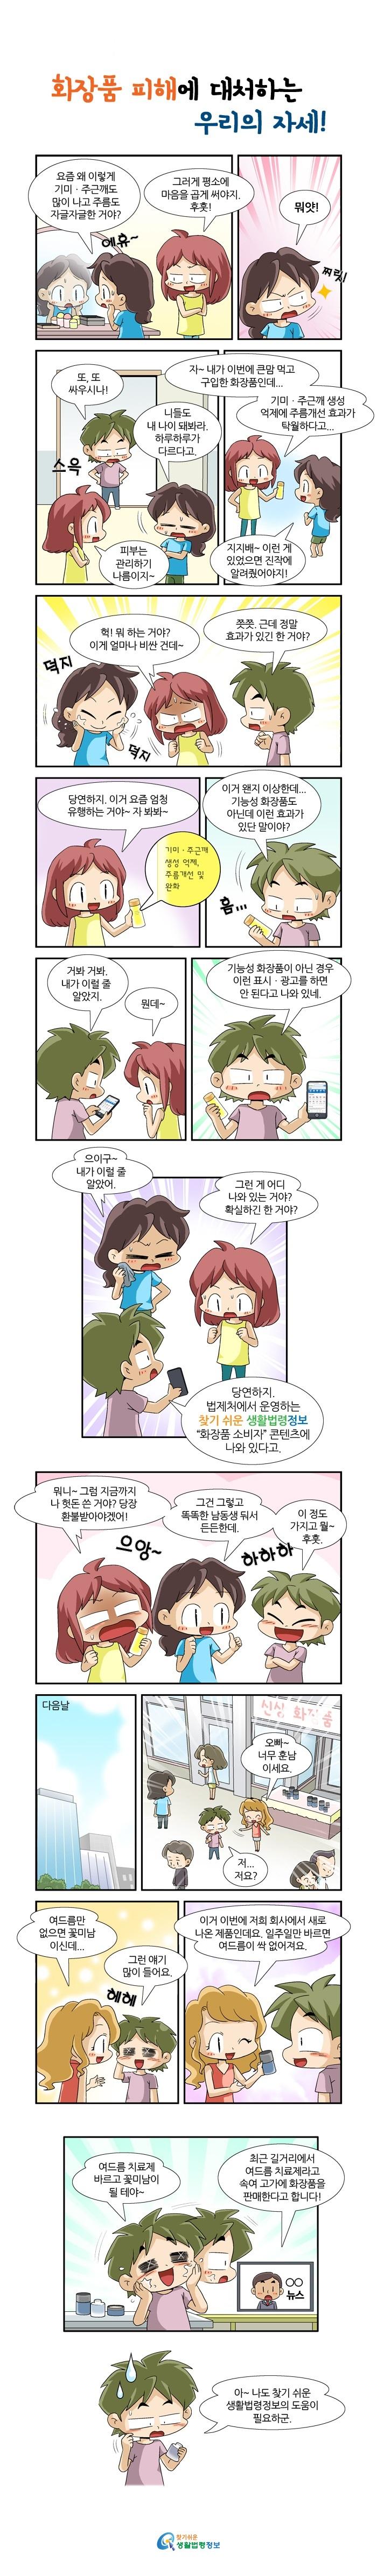 <제27화> 화장품 피해에 대처하는 우리의 자세!